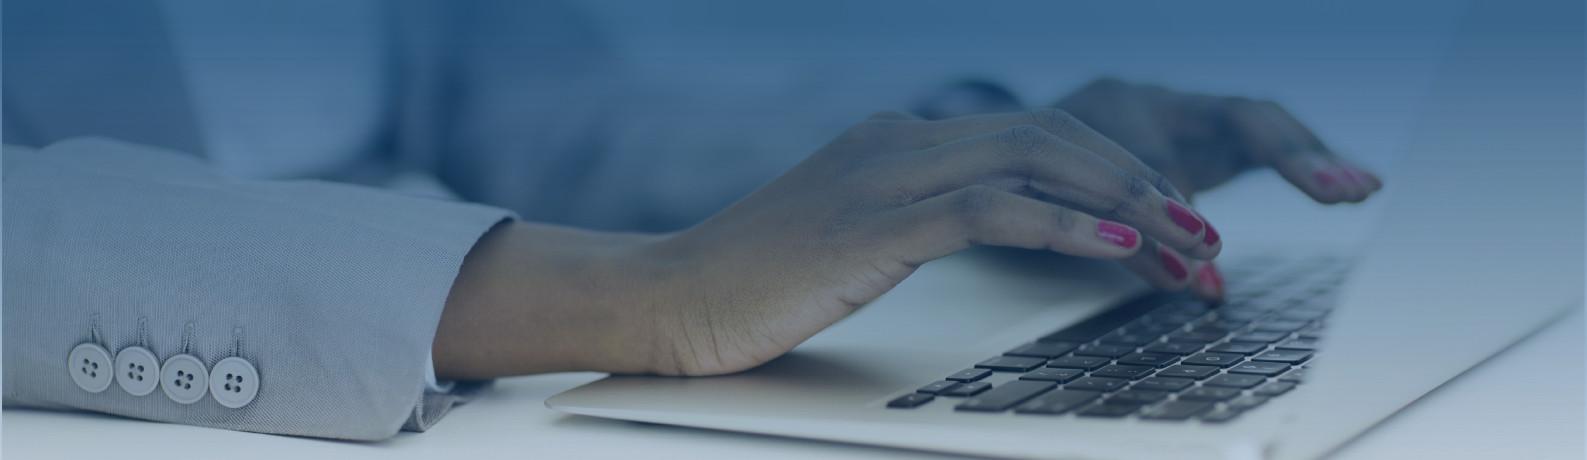 http://www.serpro.gov.br/menu/contato/cliente/duvidas-mais-frequentes/certificacao-digital/certificacao-digital